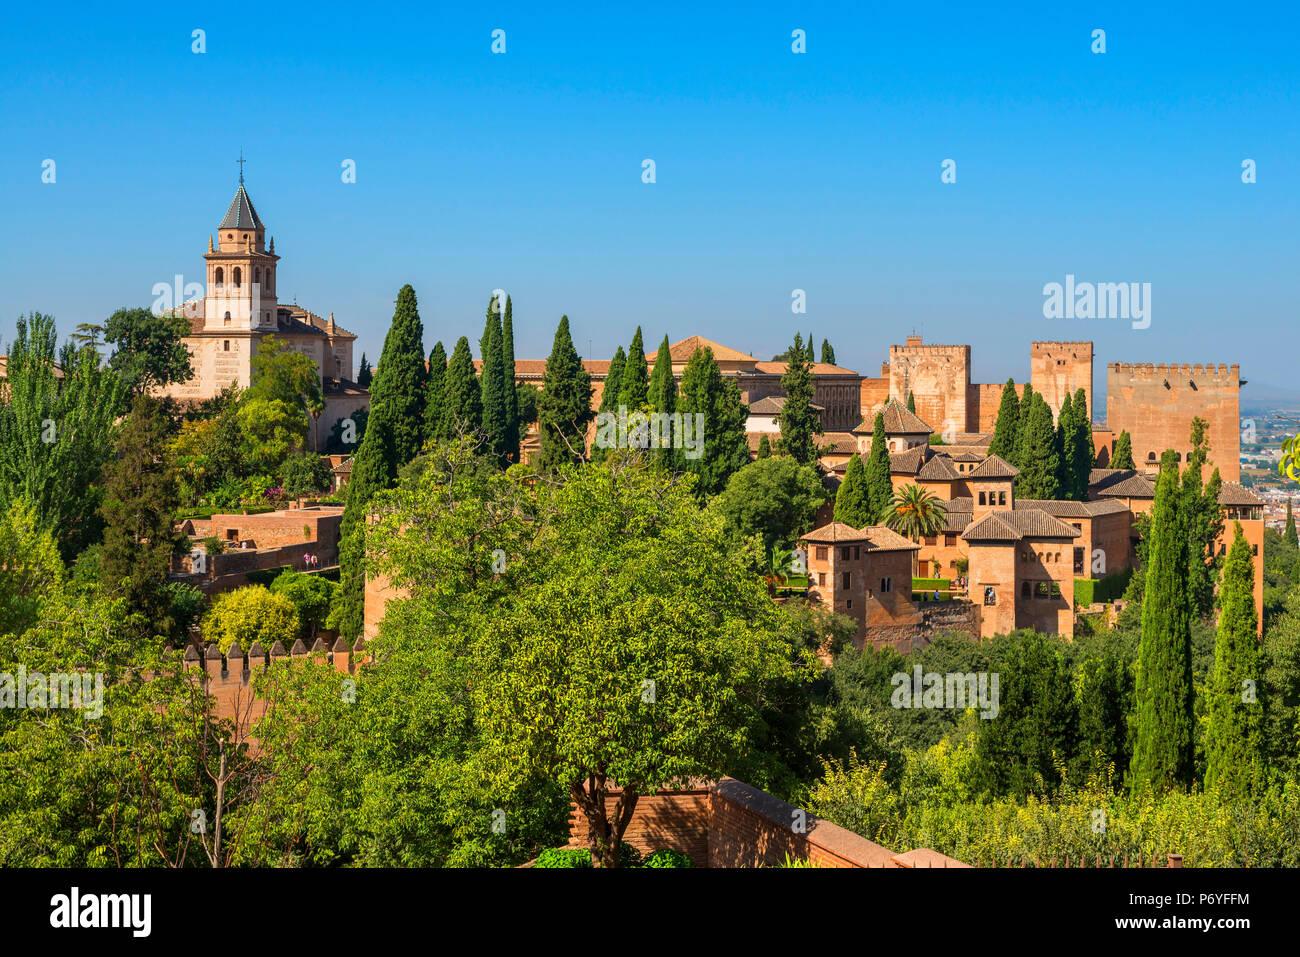 Alhambra da i giardini di Generalife, Sito Patrimonio Mondiale dell'UNESCO, Granada, Andalusia, Spagna Foto Stock